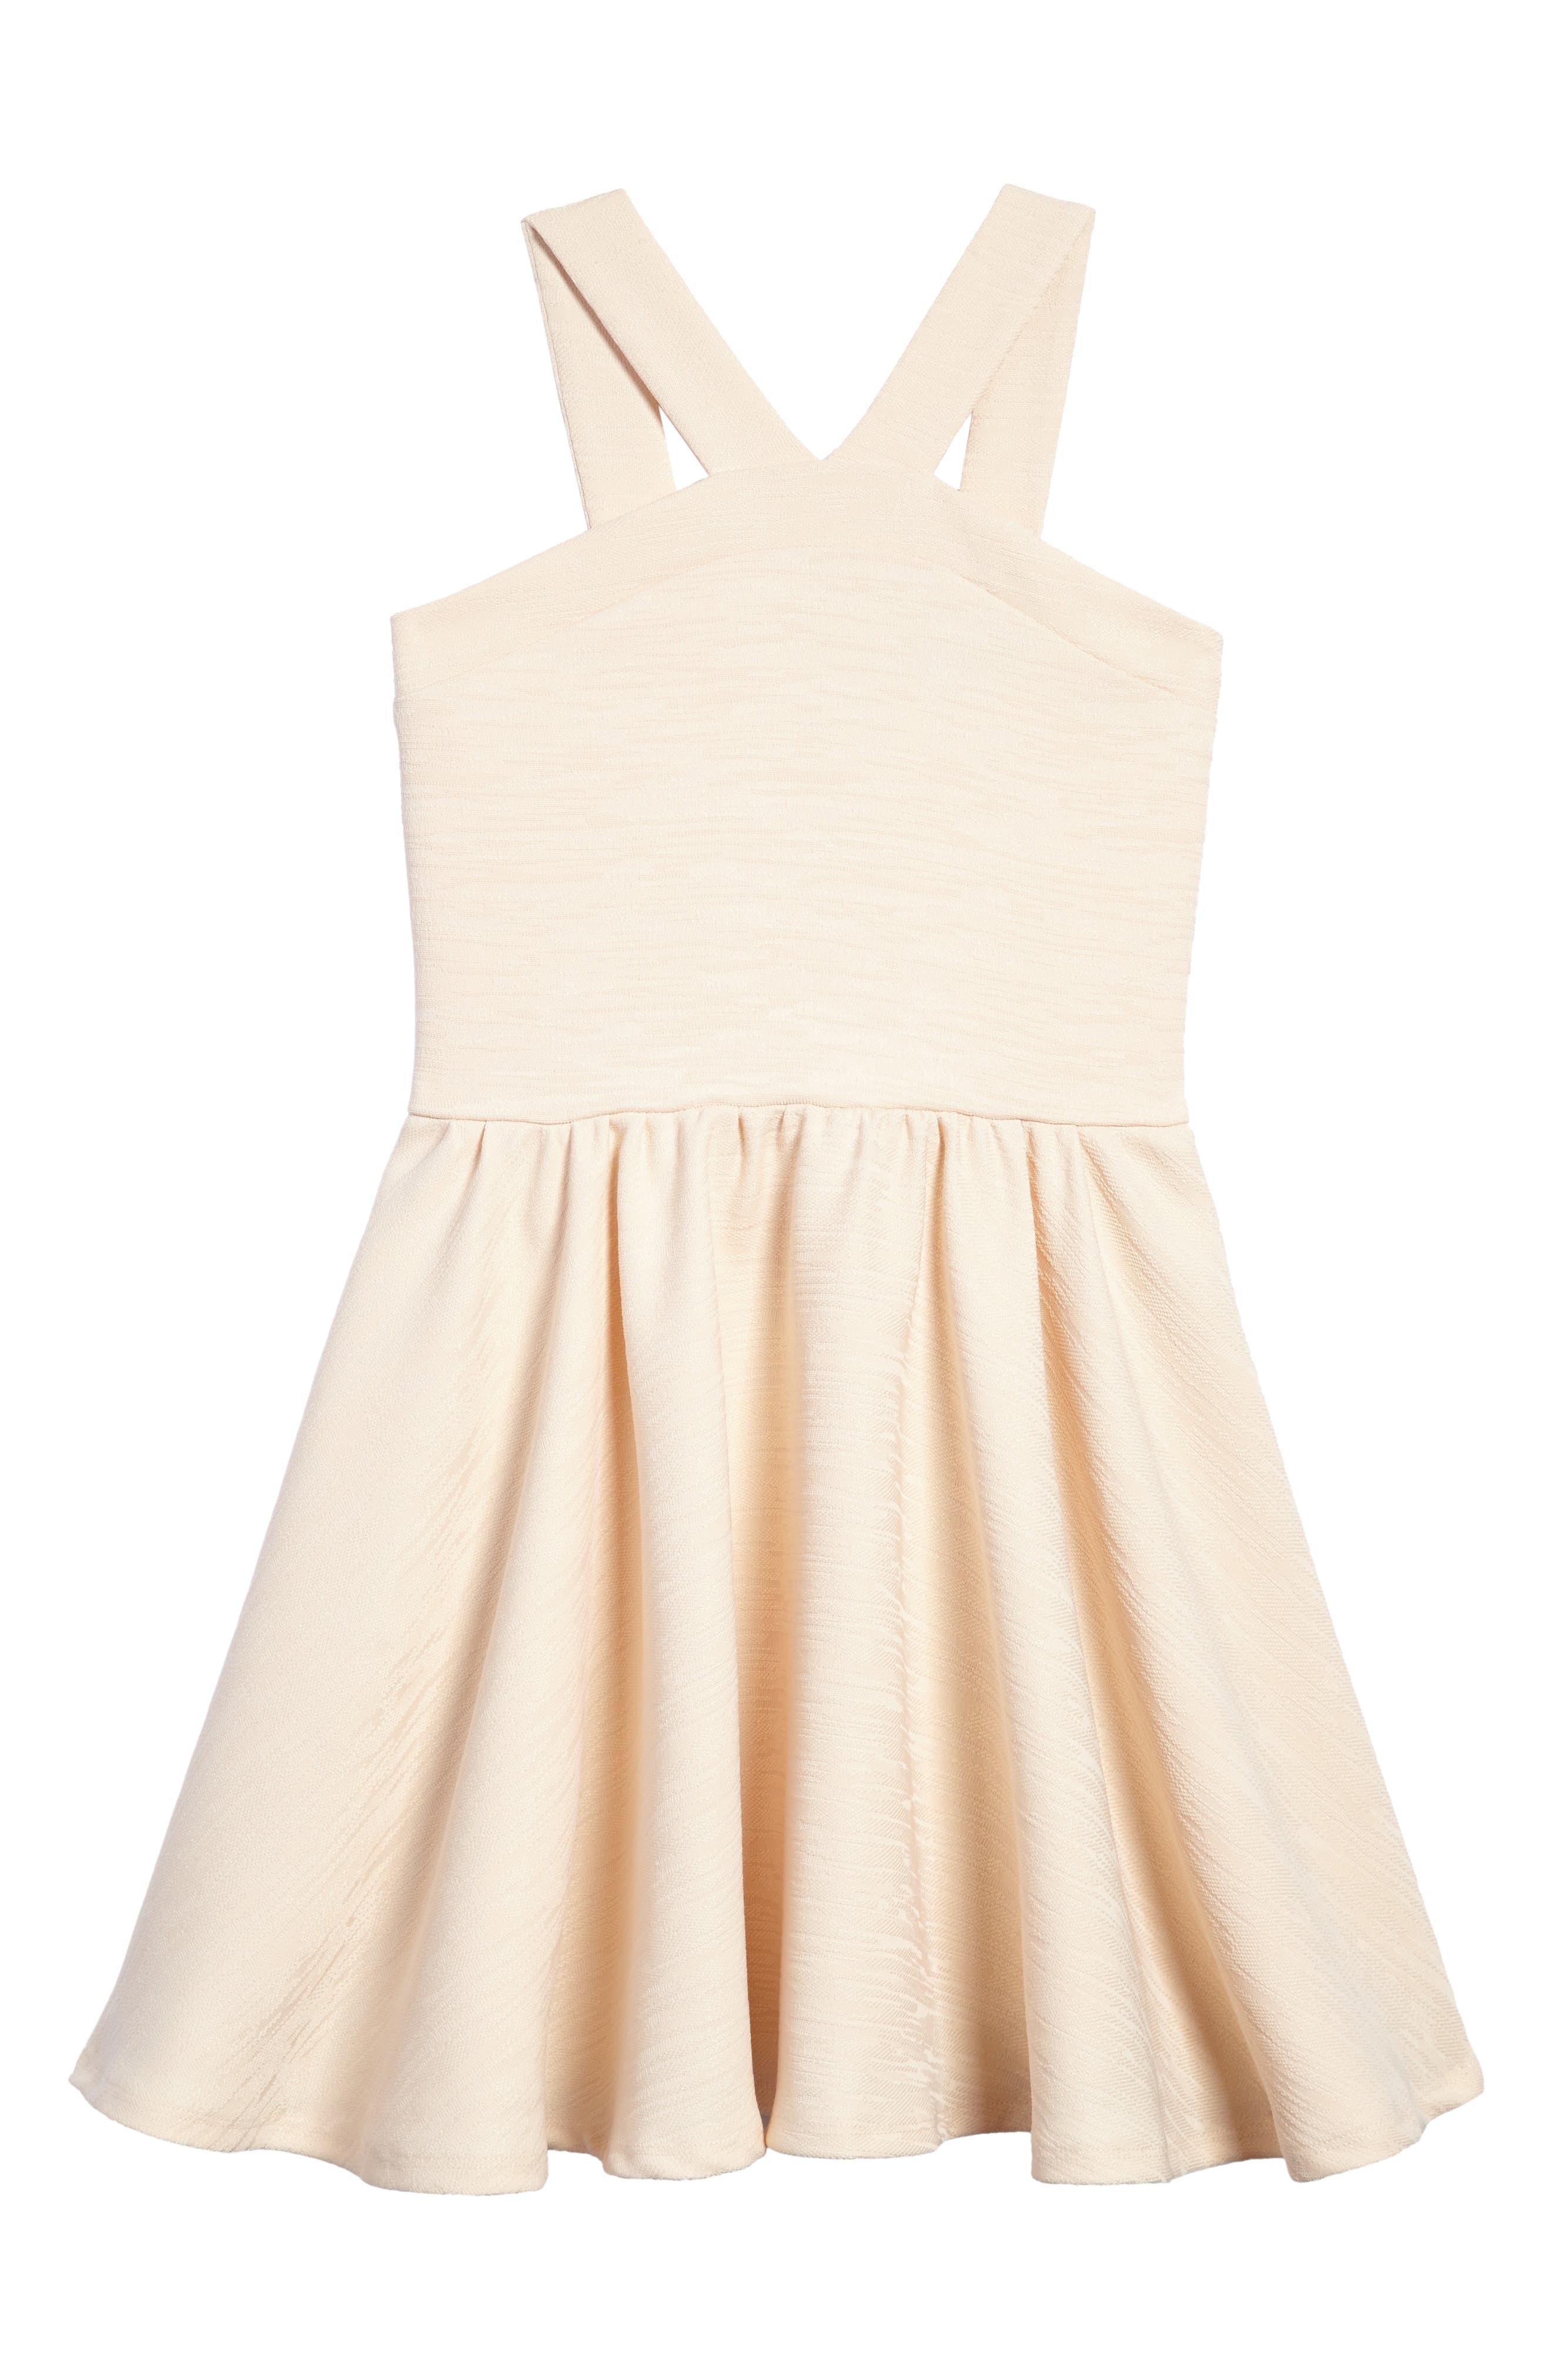 Stephanie Halter Dress,                             Main thumbnail 1, color,                             260